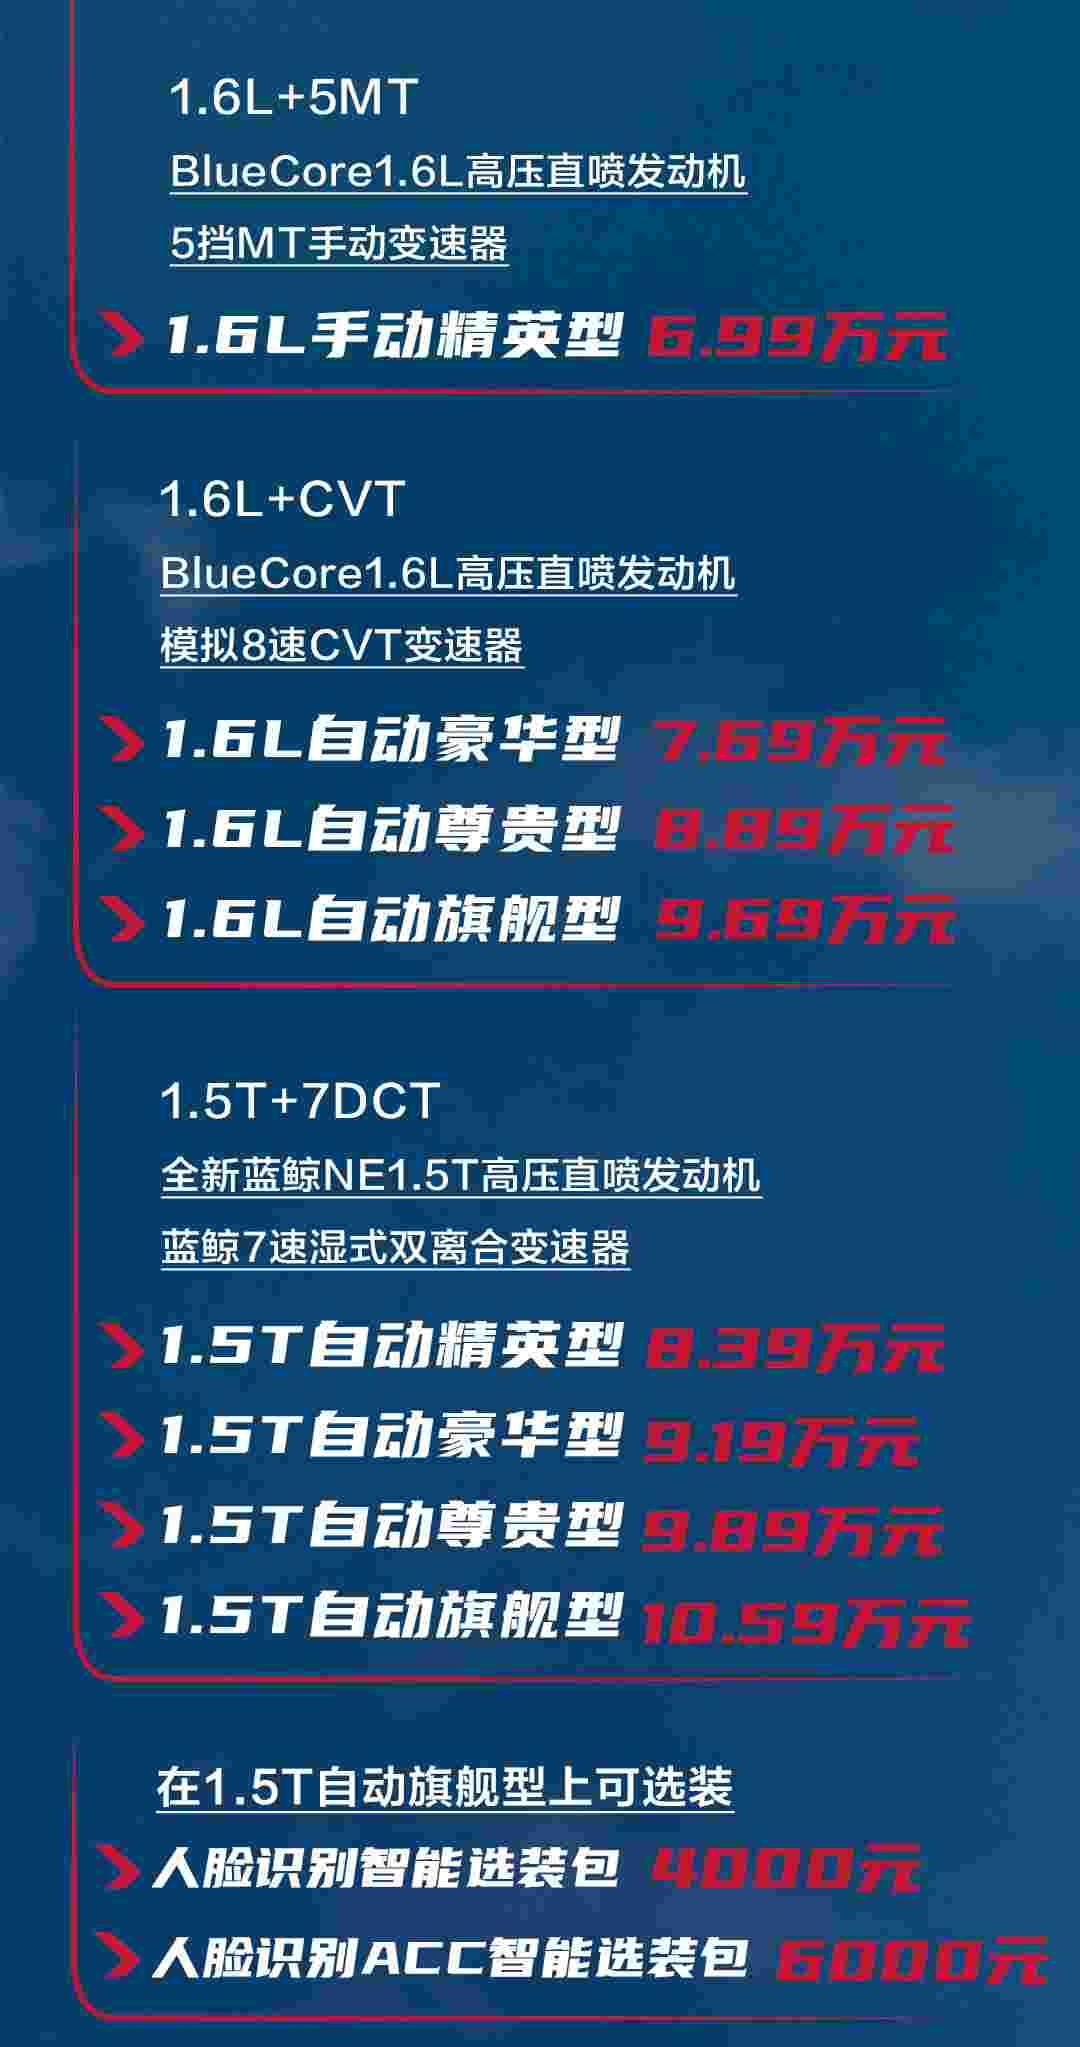 6.99-10.59万元 长安欧尚X5开启预售